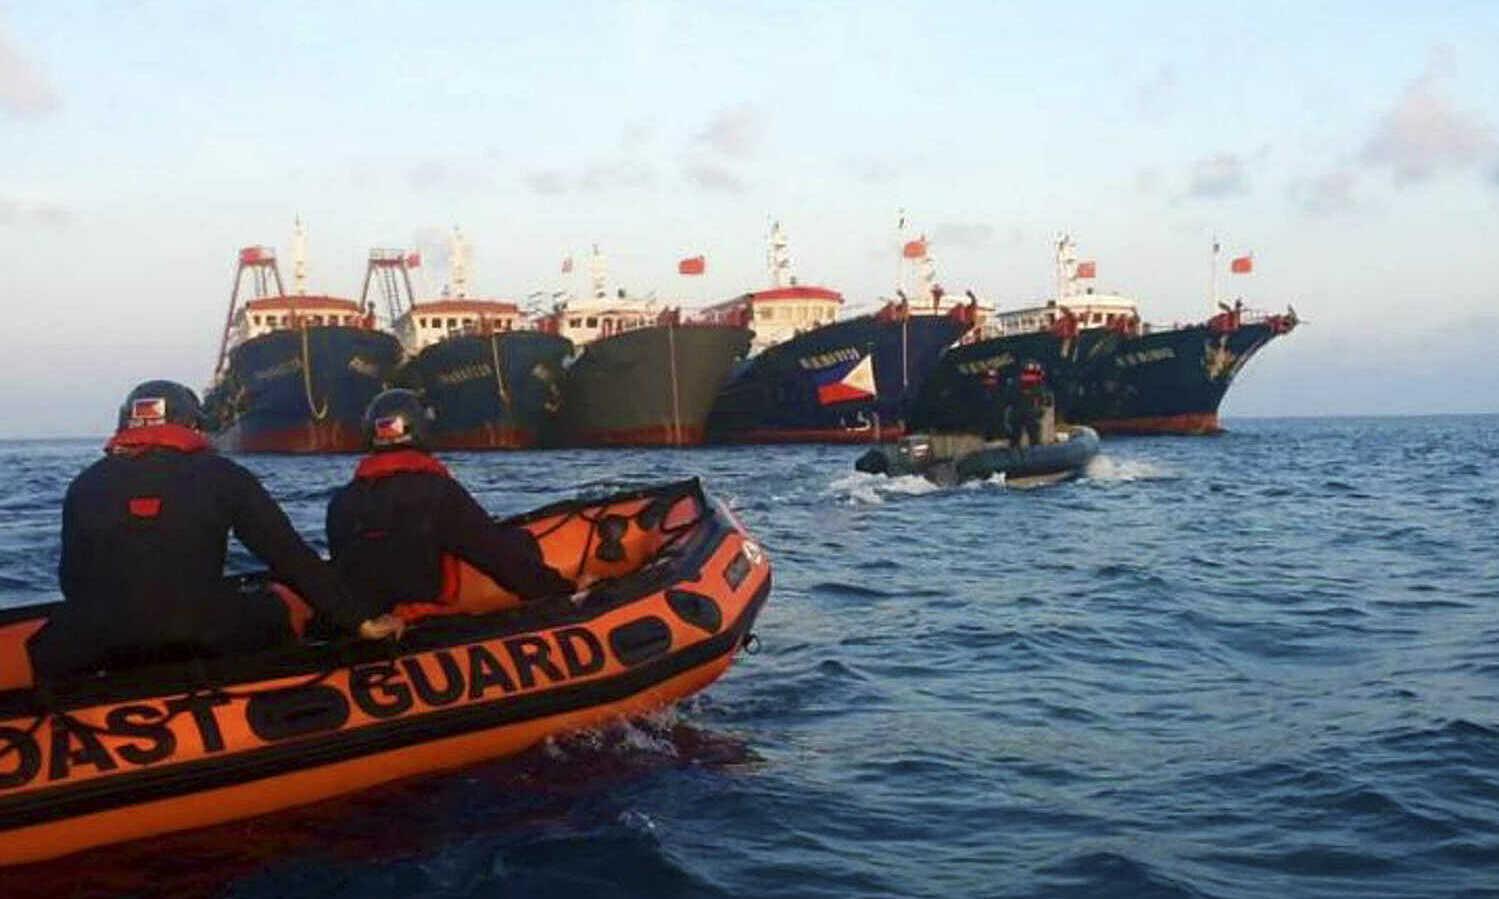 Xuồng cao su của tuần duyên Philippines áp sát các tàu Trung Quốc tại đá Ba Đầu vào tháng 4. Ảnh: Reuters.